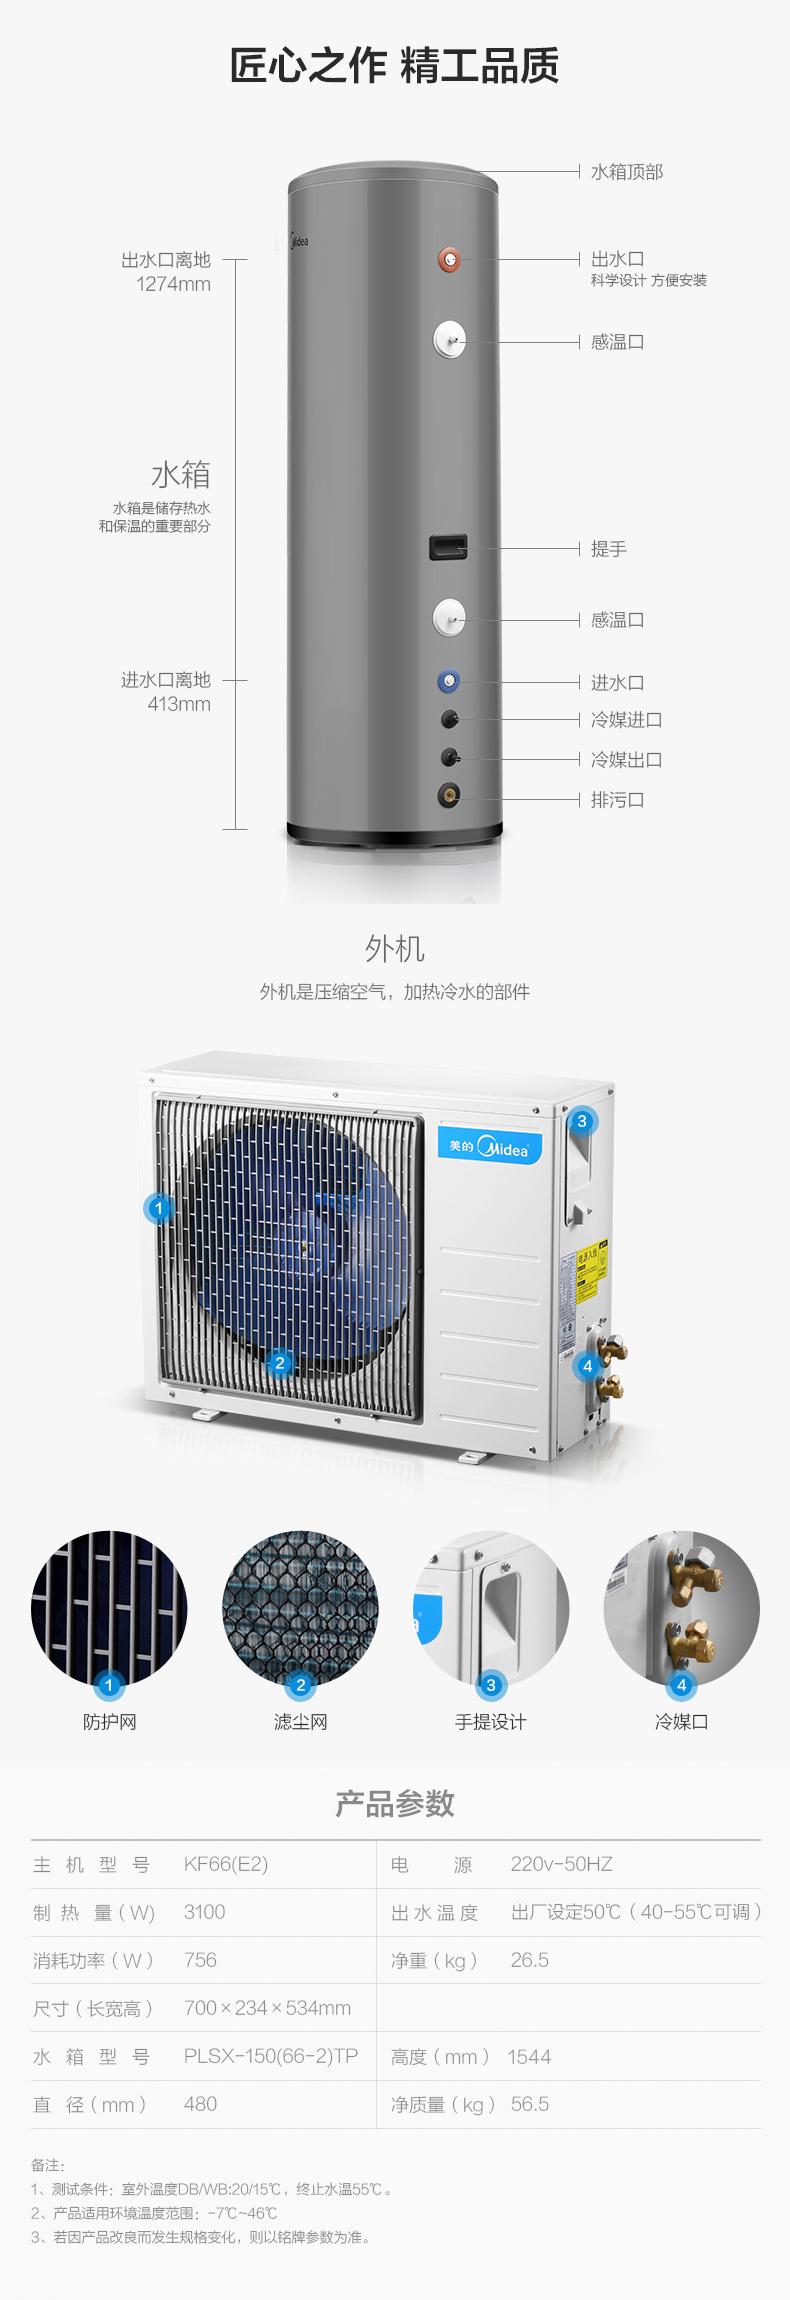 云南美的空气能热水器